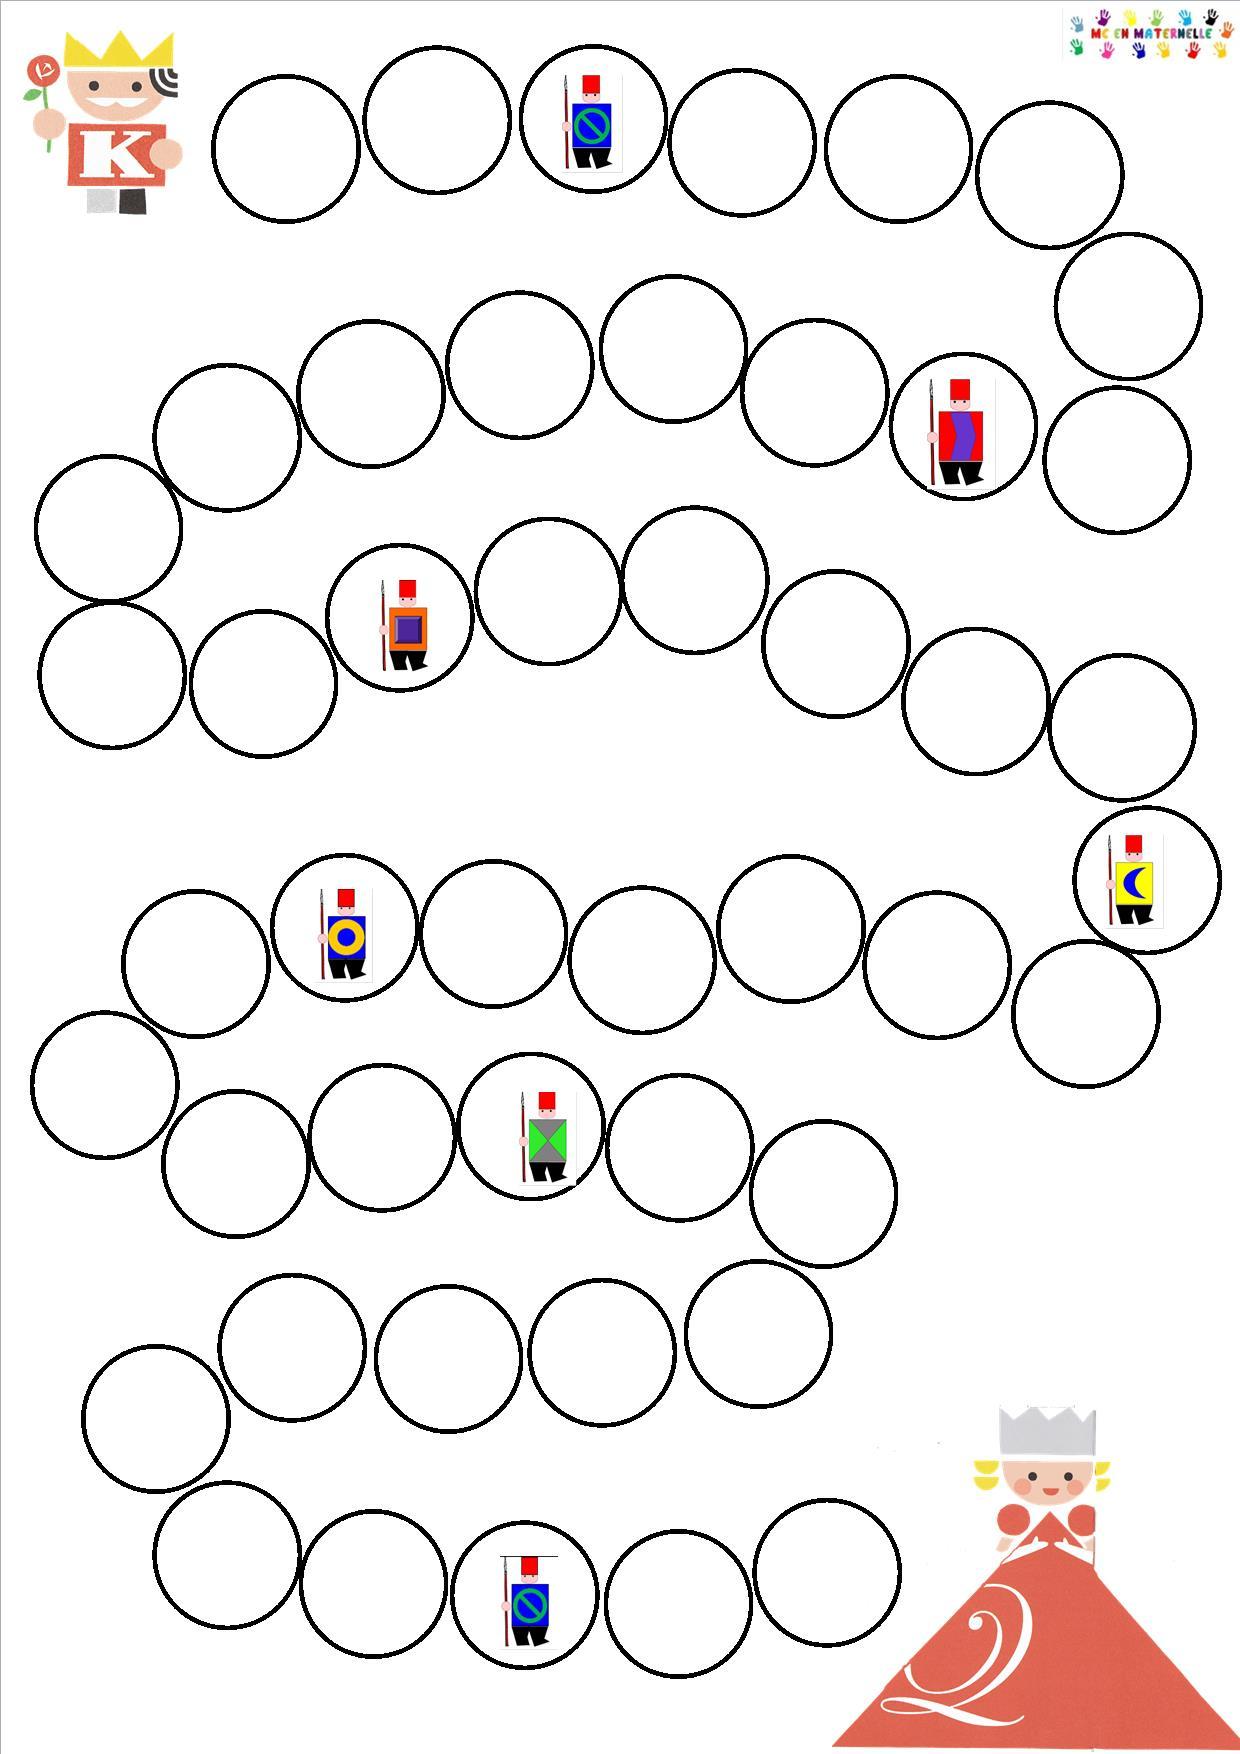 Le Tout Petit Roi : Jeu Mathématiques – Mc En Maternelle à Jeux Pour Tout Petit